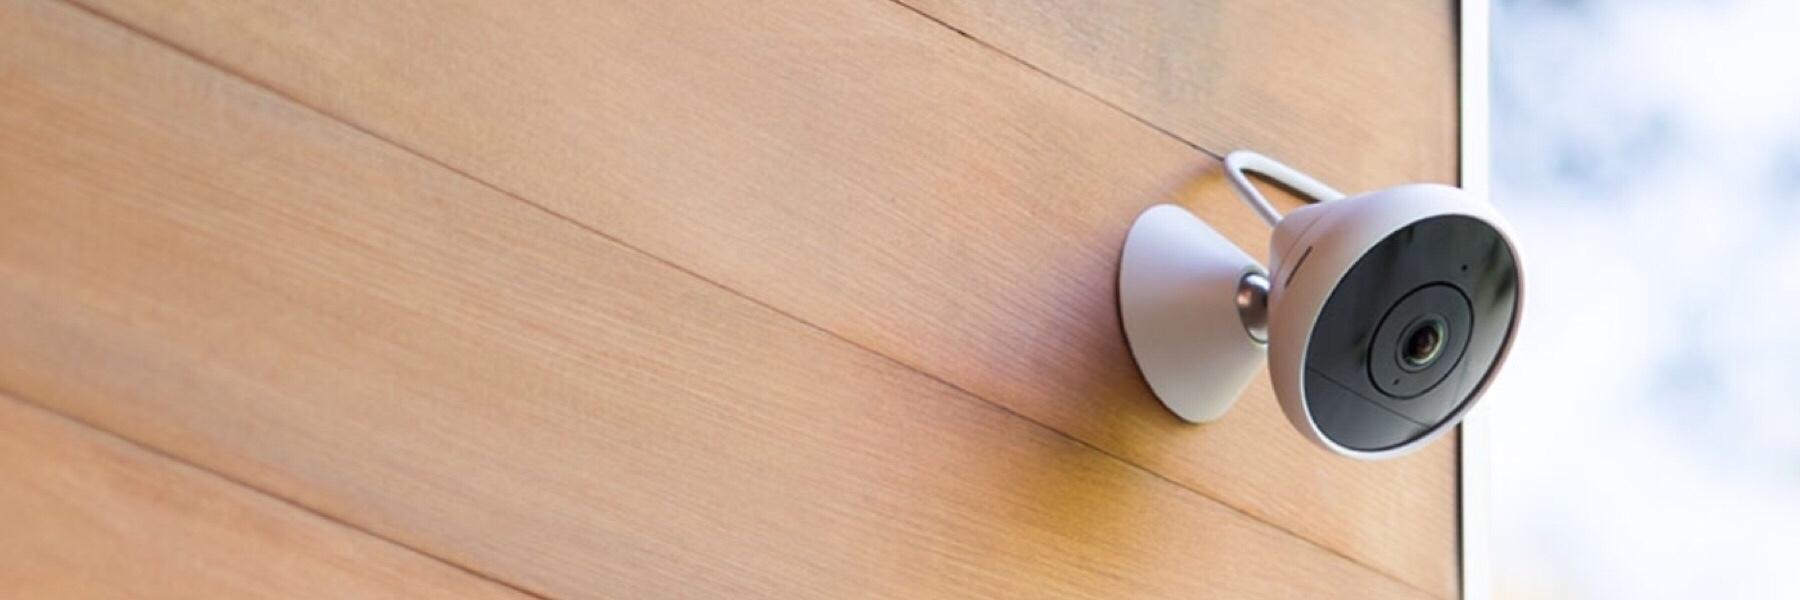 Neue Funktionen für Überwachungskamera Logitech Circle 2